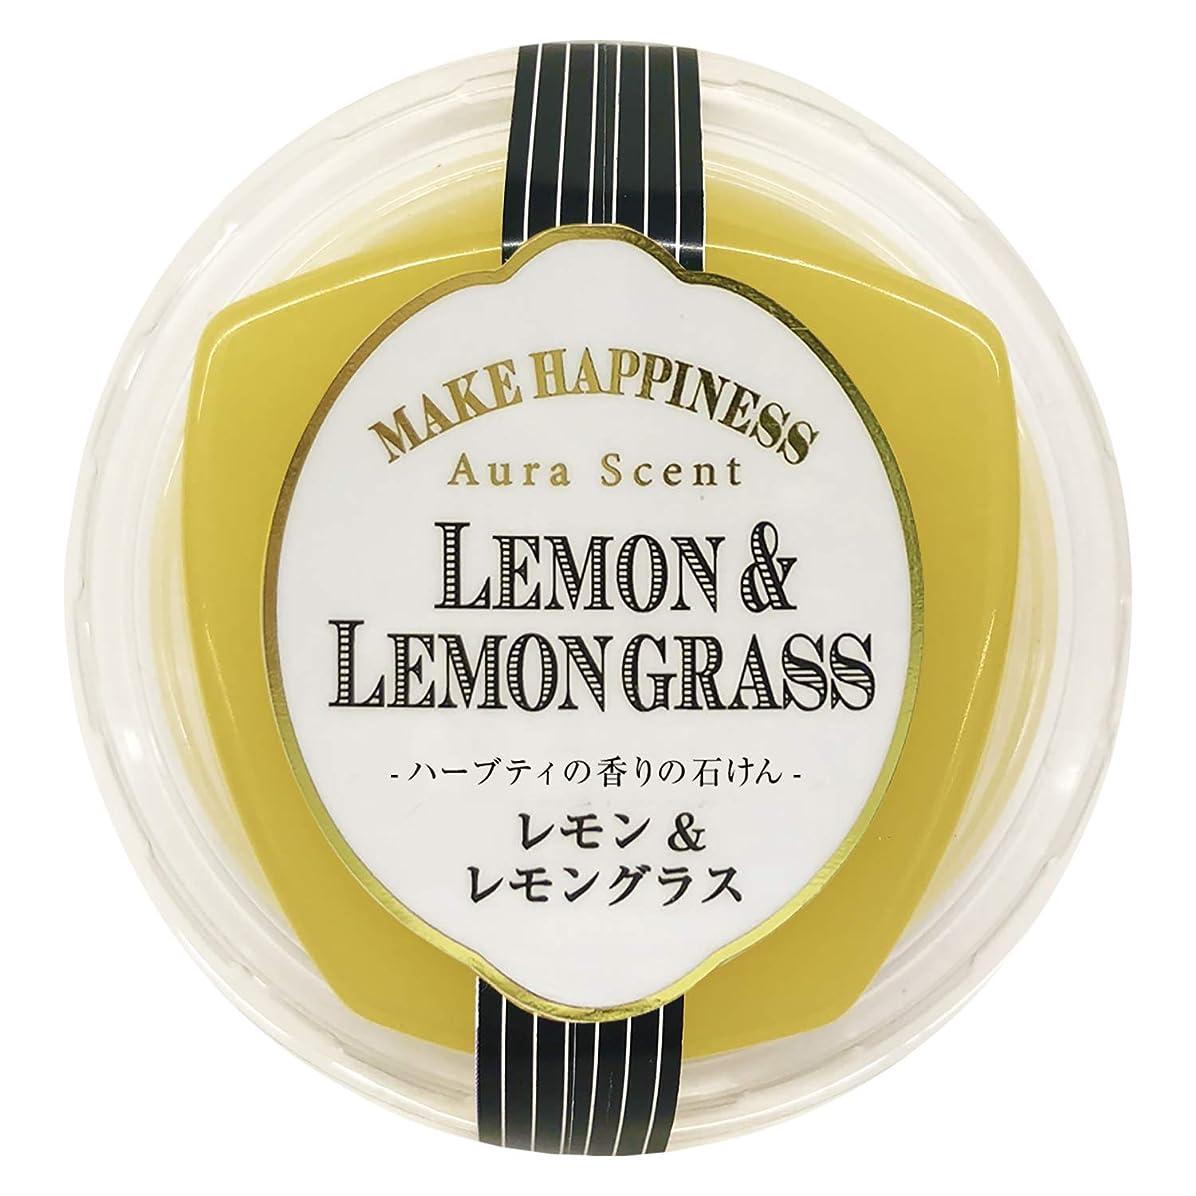 人類クラシカルキャンセルペリカン石鹸 オーラセント クリアソープ レモン&レモングラス 75g